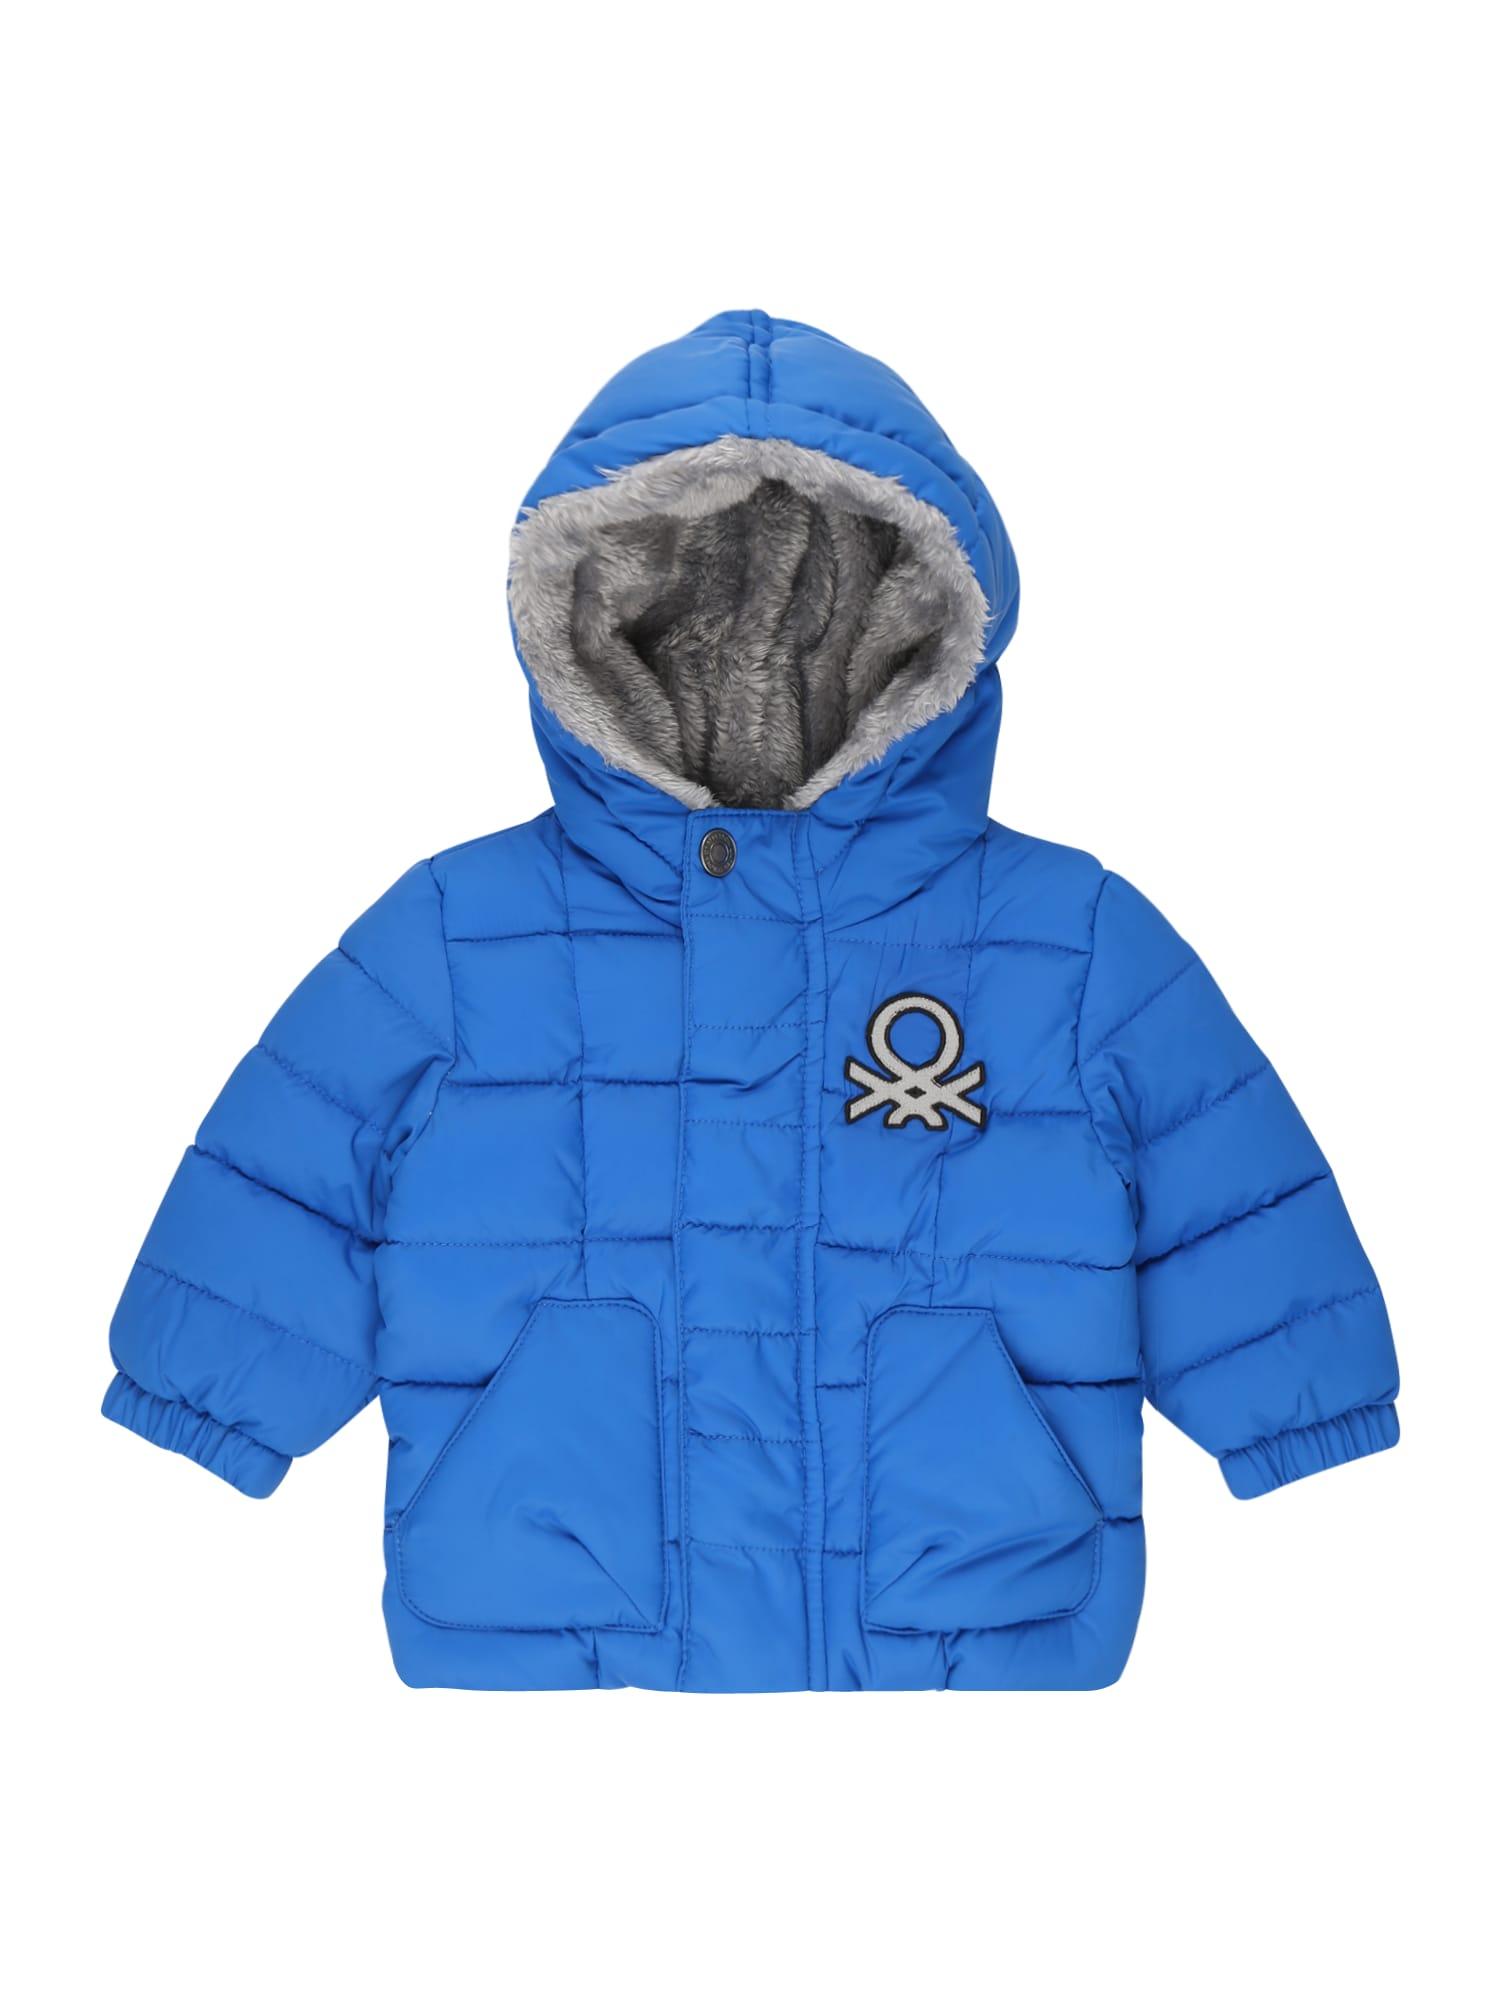 UNITED COLORS OF BENETTON Žieminė striukė mėlyna / sidabras / juoda